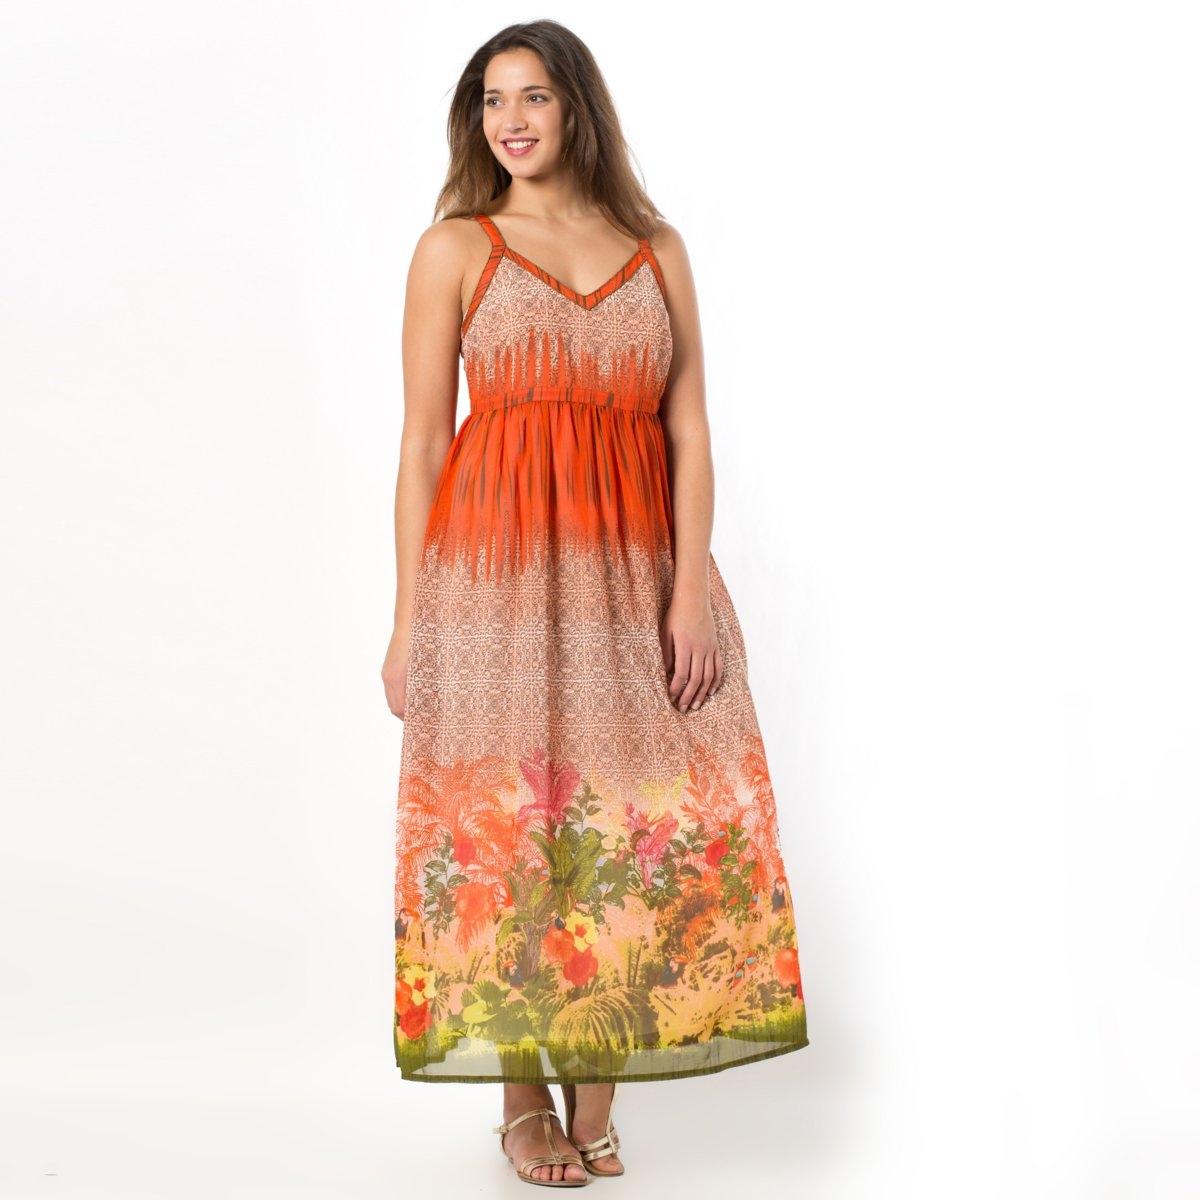 Платье длинноеПлатье. Длинная модель с чудесным тропическим рисунком. Бретели, вырез и проймы украшены бусинами. Вставка со складками на поясе. 100% полиэстера. Длина 140 см.<br><br>Цвет: рисунок тропики<br>Размер: 46 (FR) - 52 (RUS)